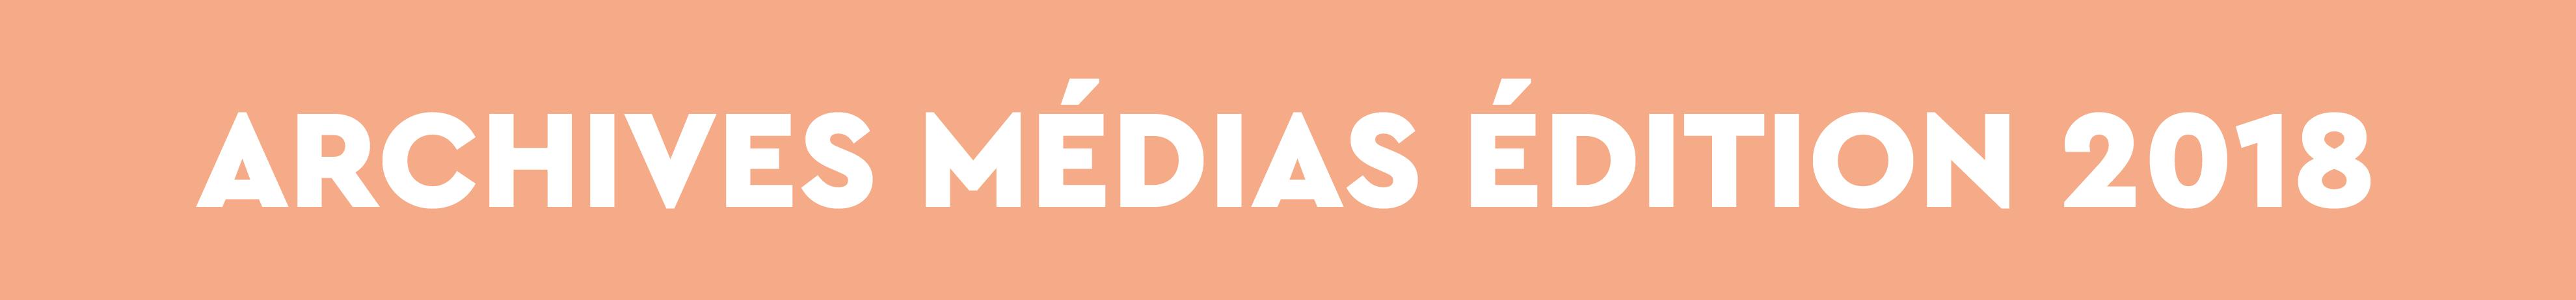 ARCHIVES MÉDIAS 2018